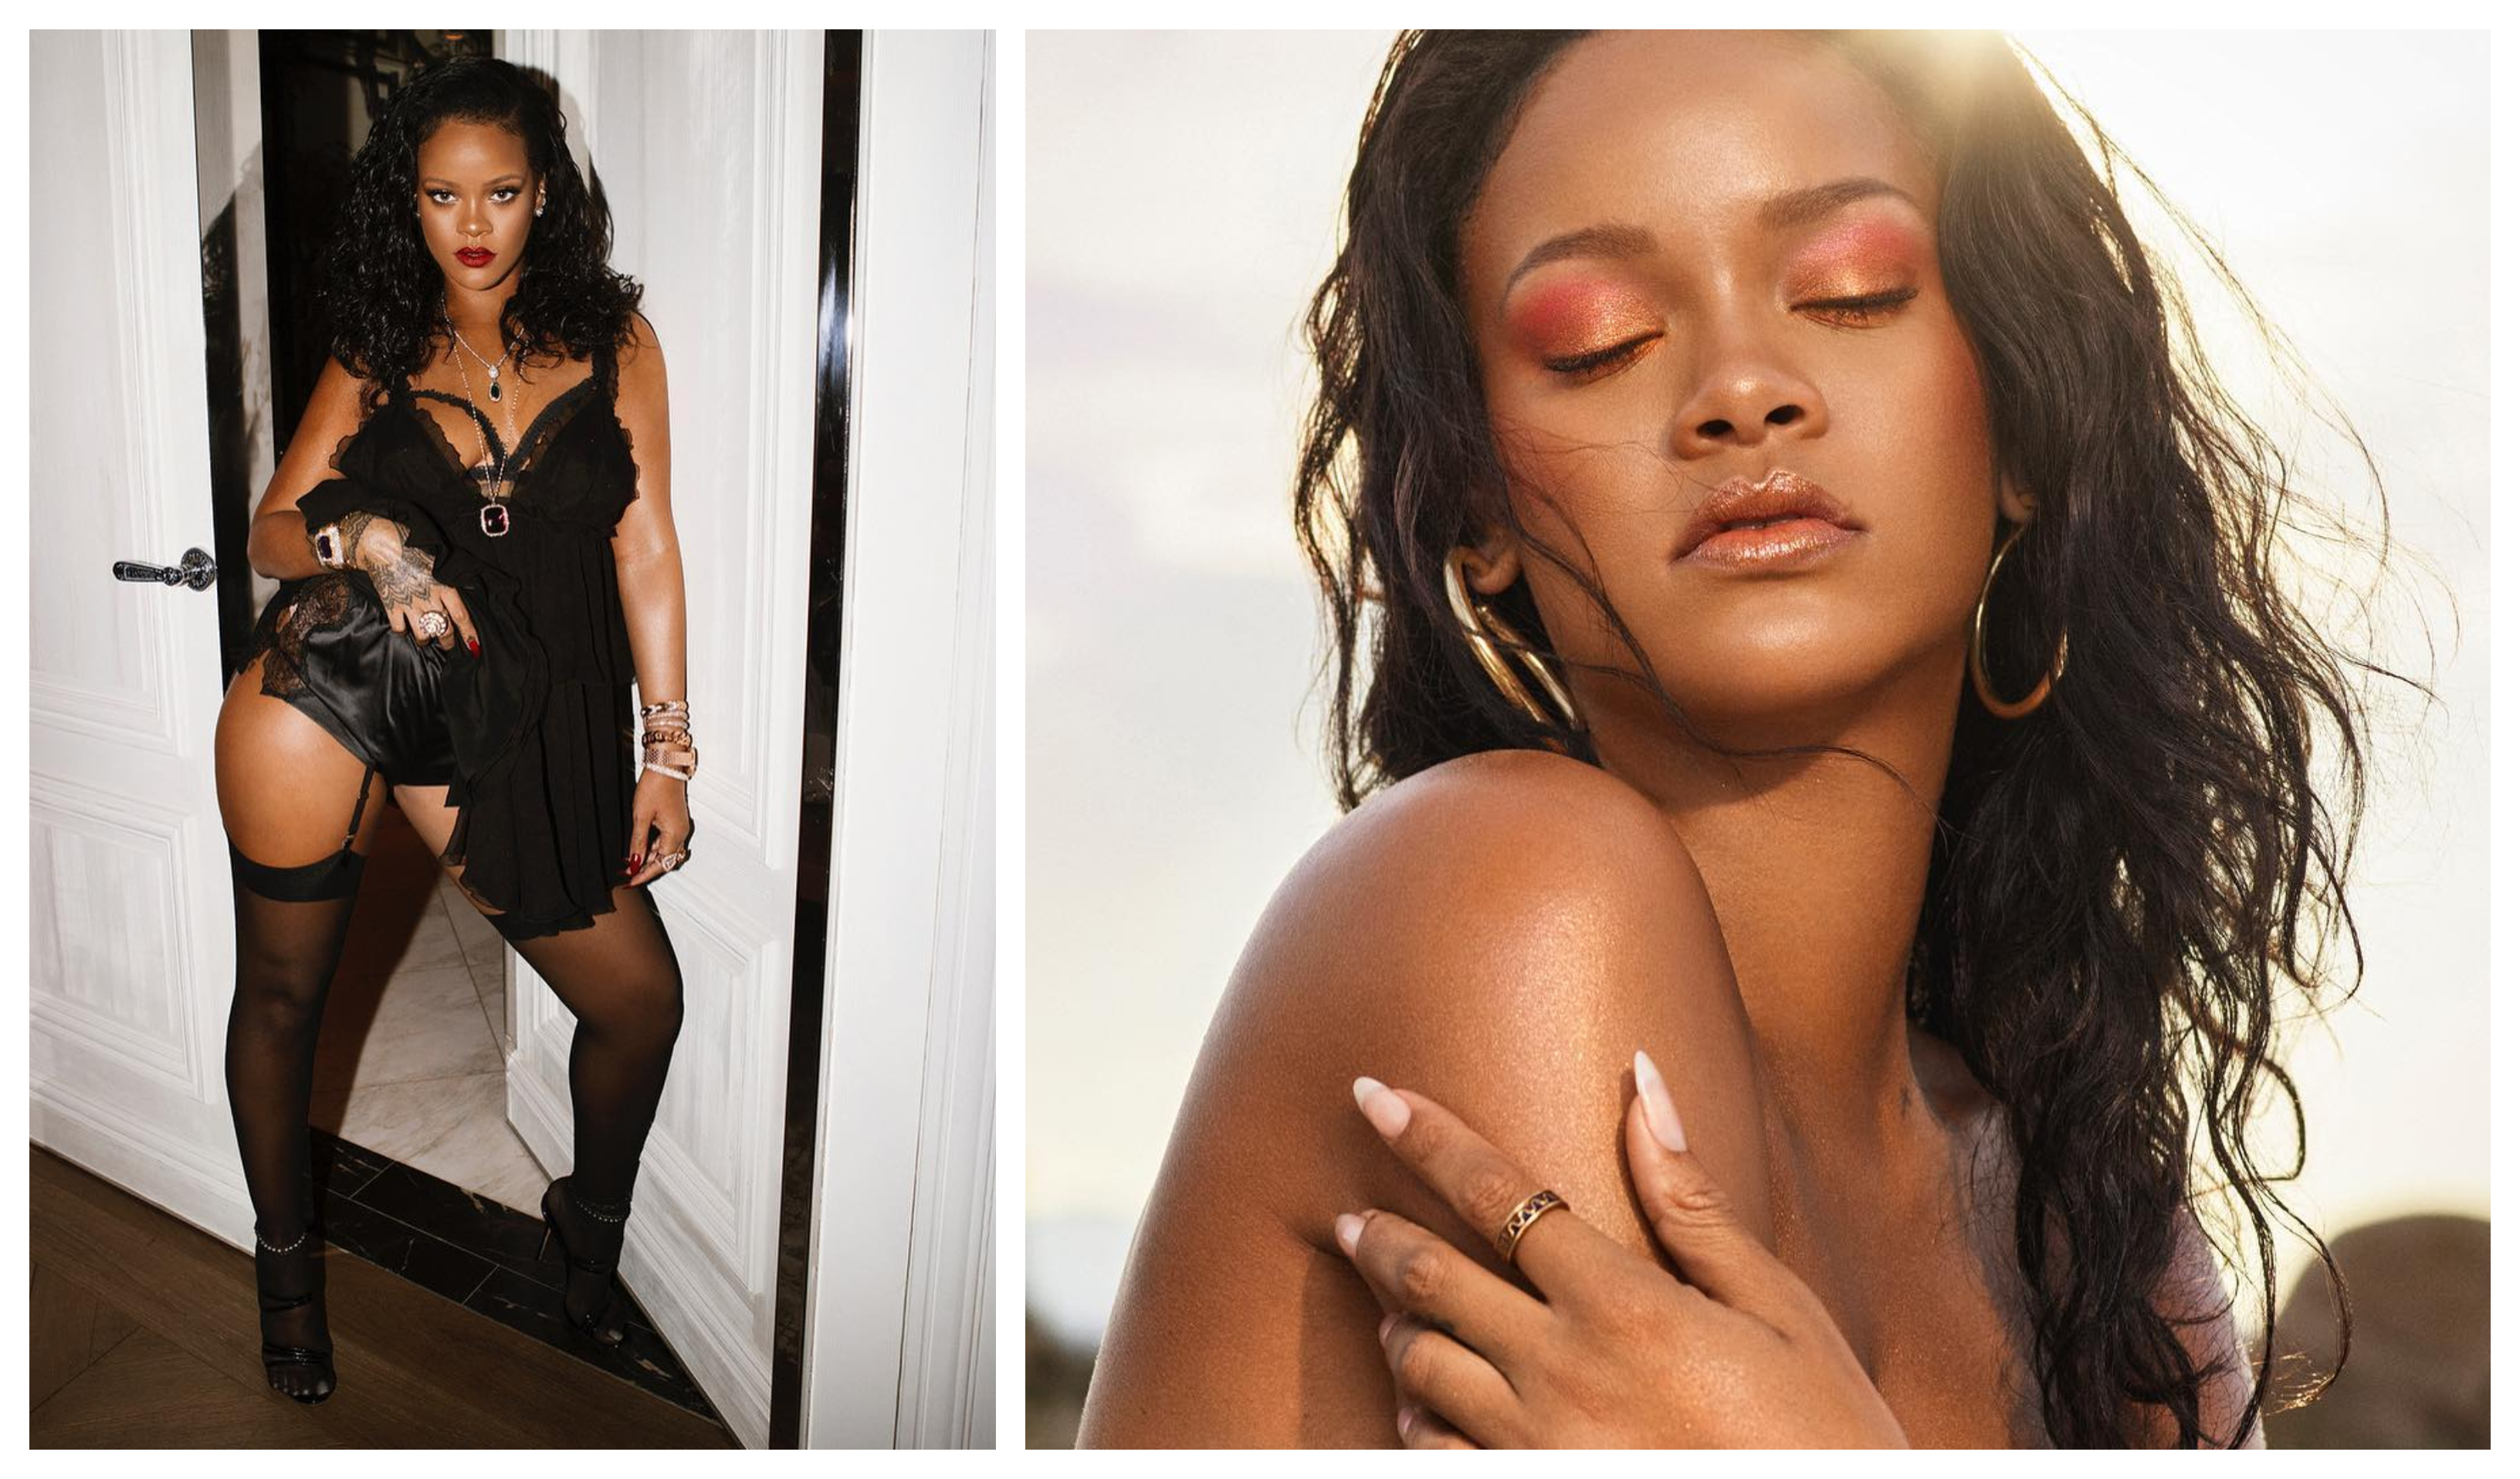 3c5760dae A cantora é perita em ser provocadora e a linha de acessórios sexuais que  lançou recentemente não lhe fica nada atrás. A marca de lingerie Savage x  Fenty ...